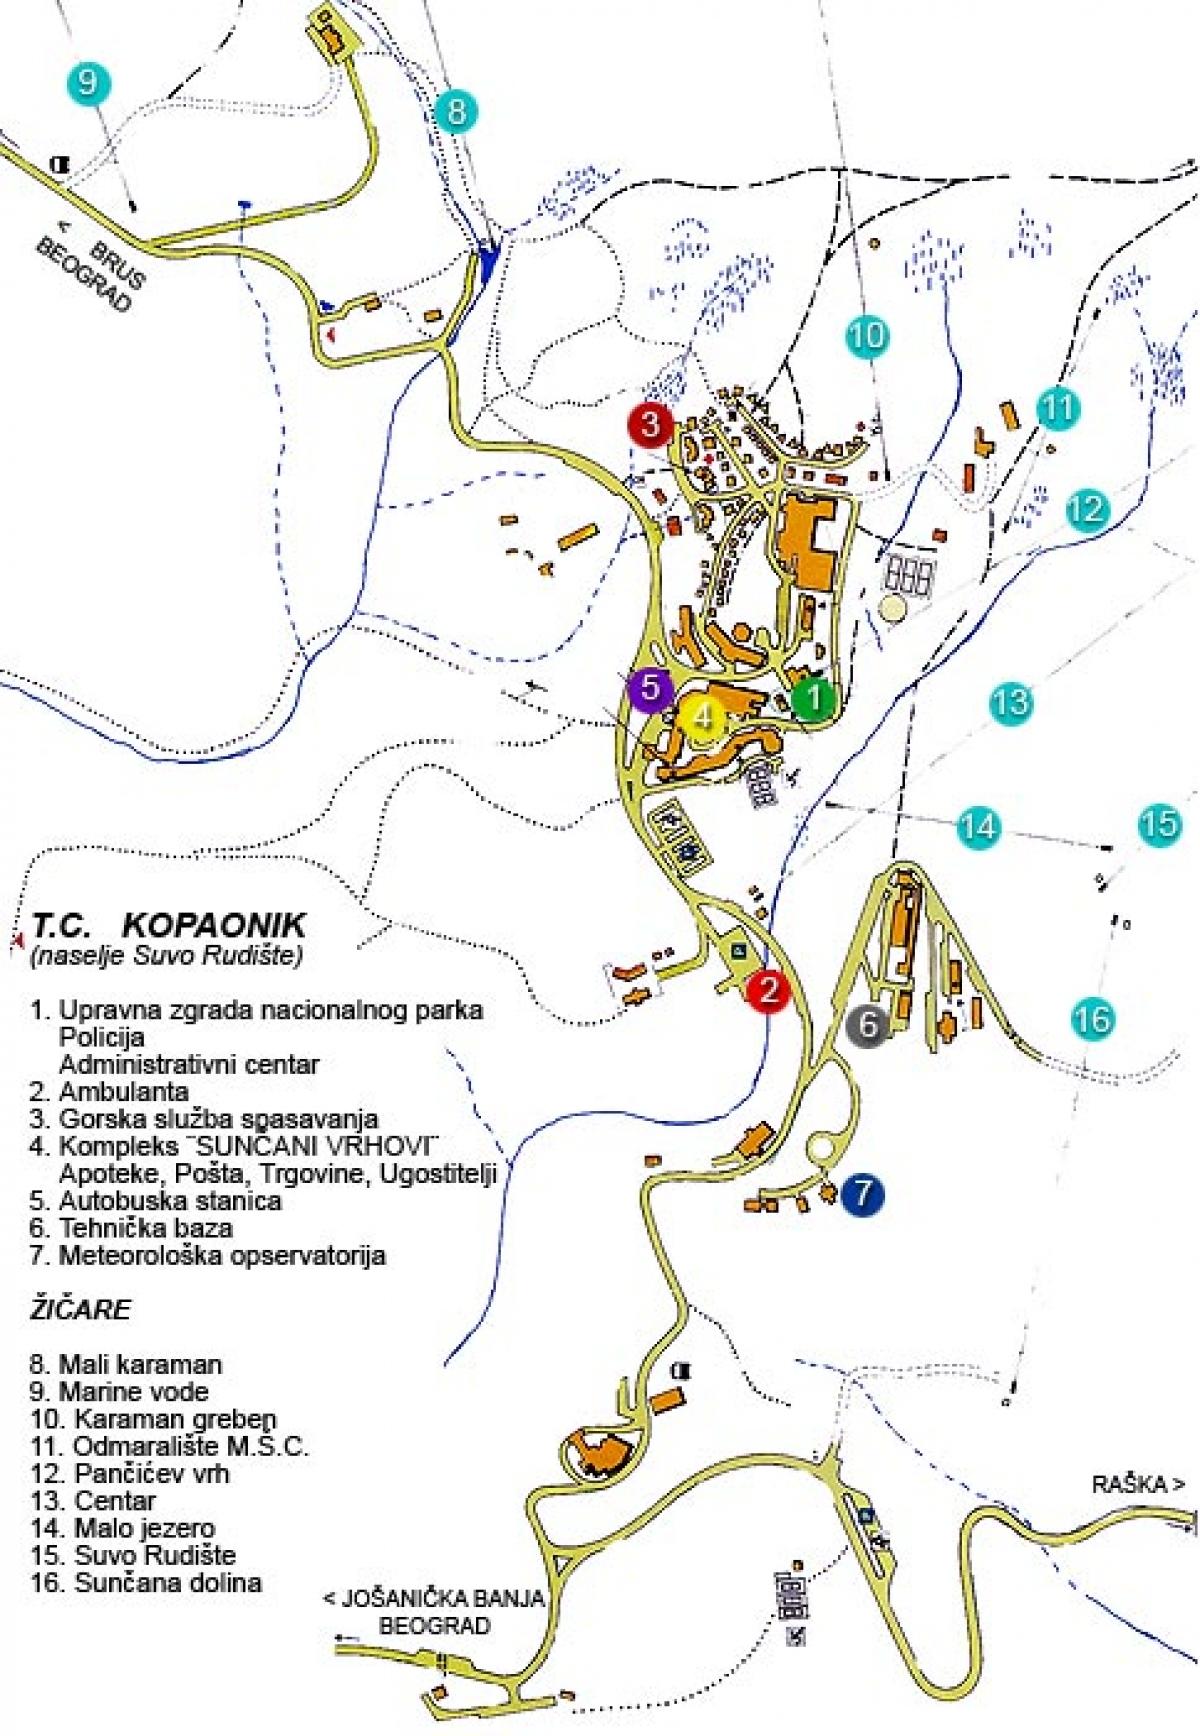 Kopaonik Mape